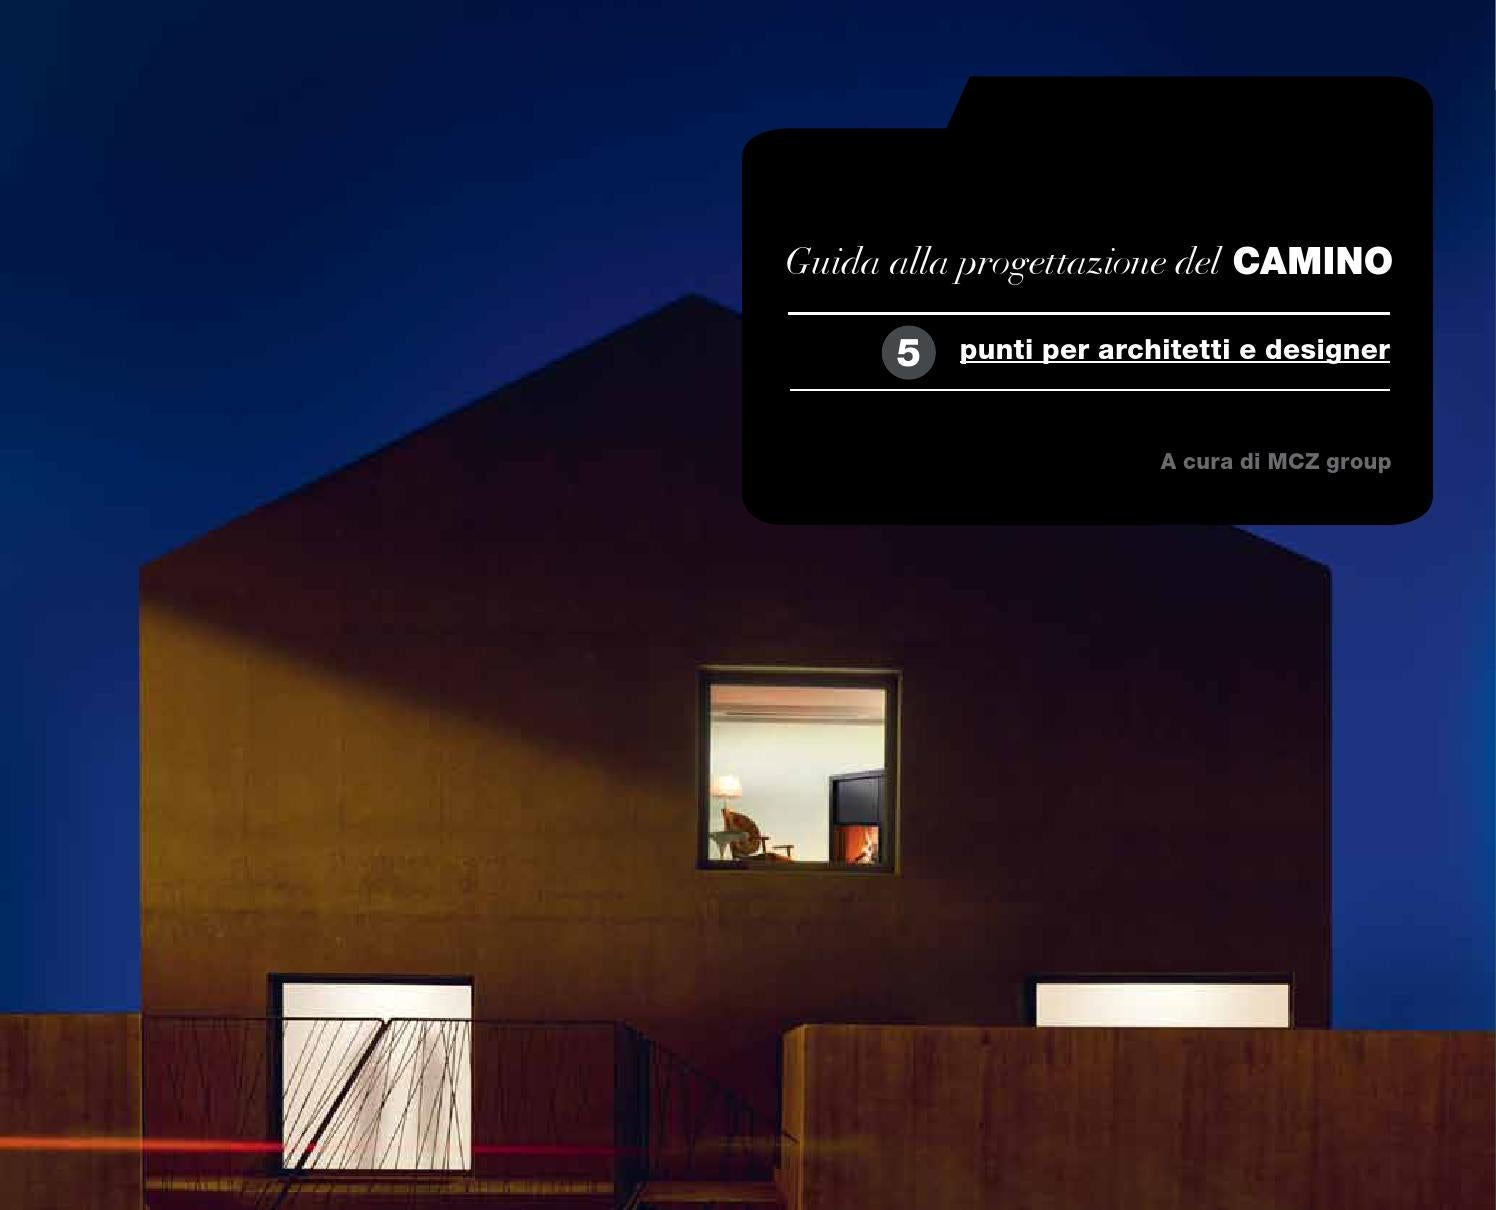 Guida alla progettazione del camino by giulia pavanello for Programmi per interior design